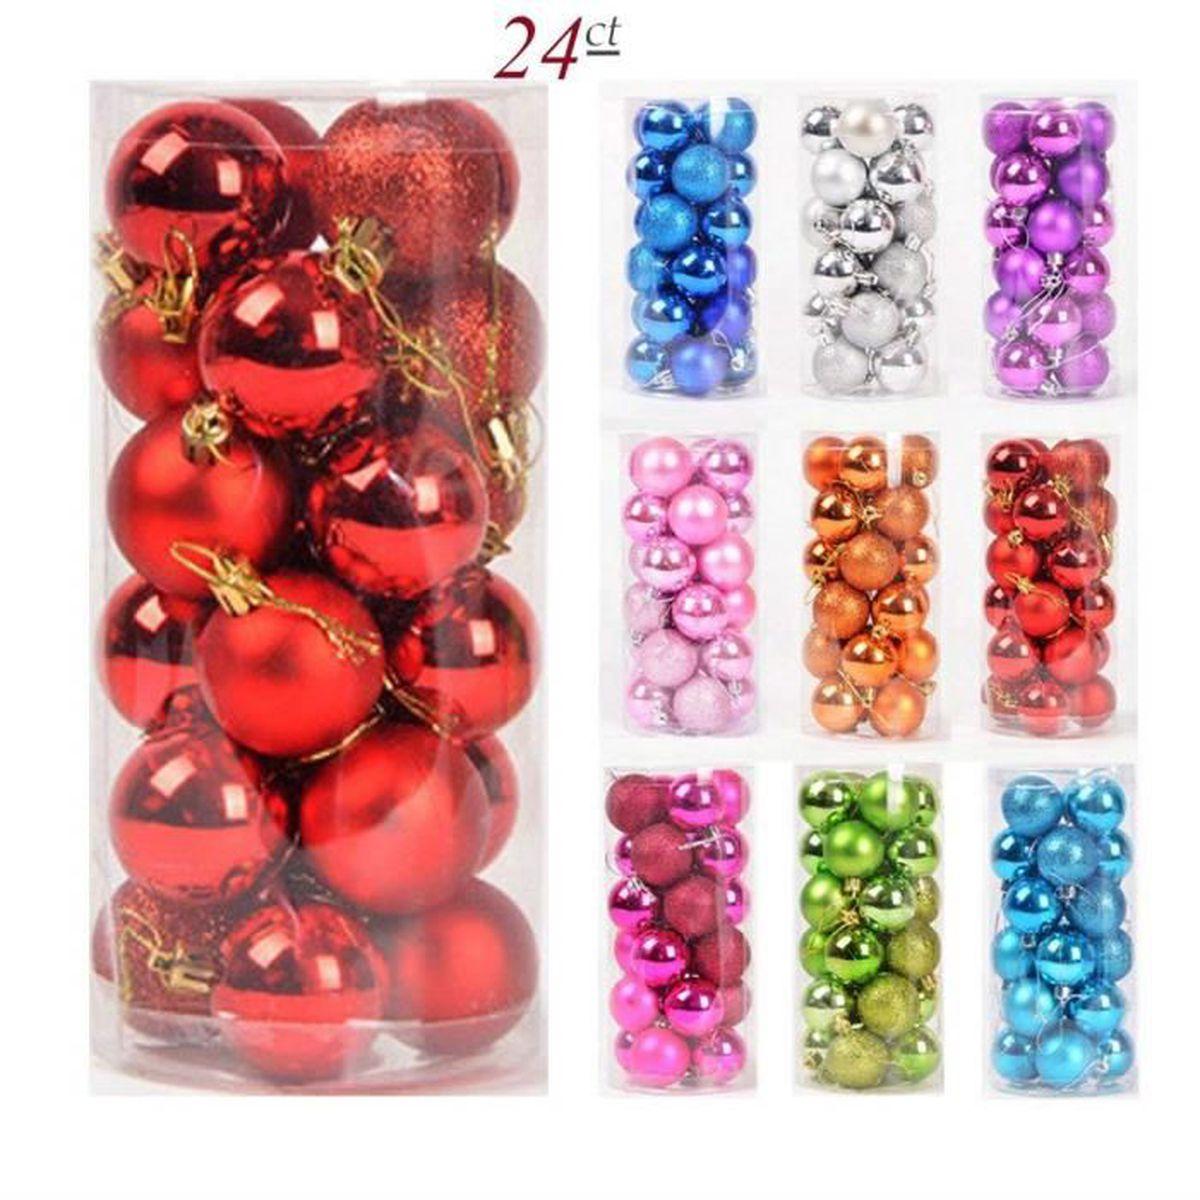 Boule Plastique A Decorer 24pcs boules de noël en plastique pour la décoration fete